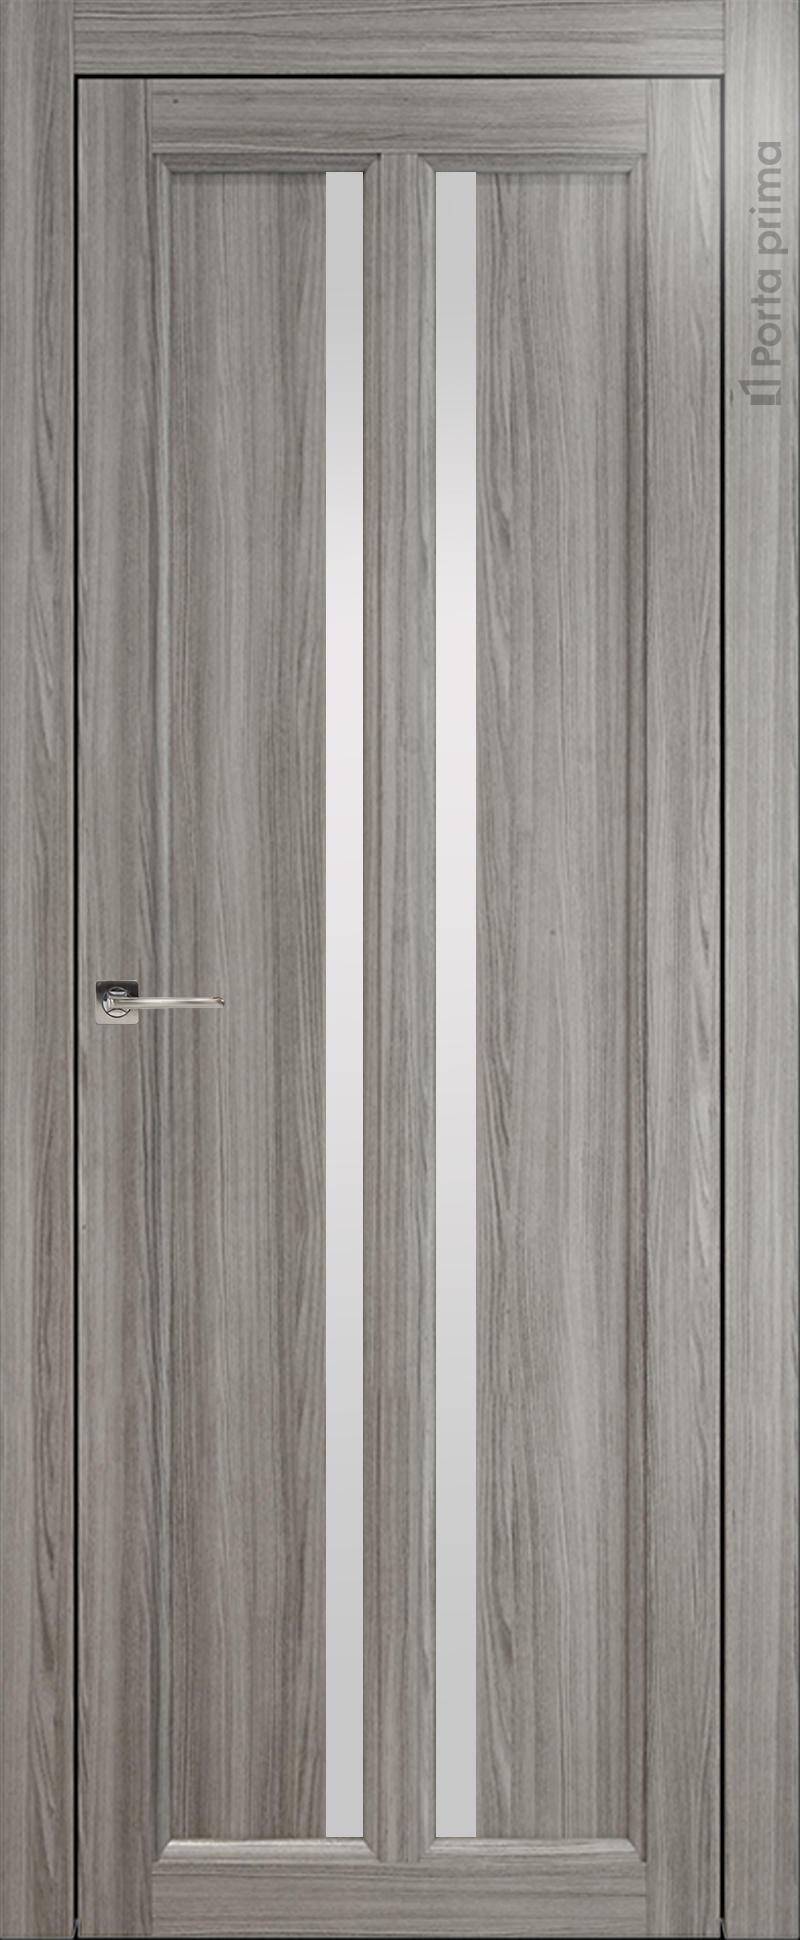 Sorrento-R Е4 цвет - Орех пепельный Без стекла (ДГ)